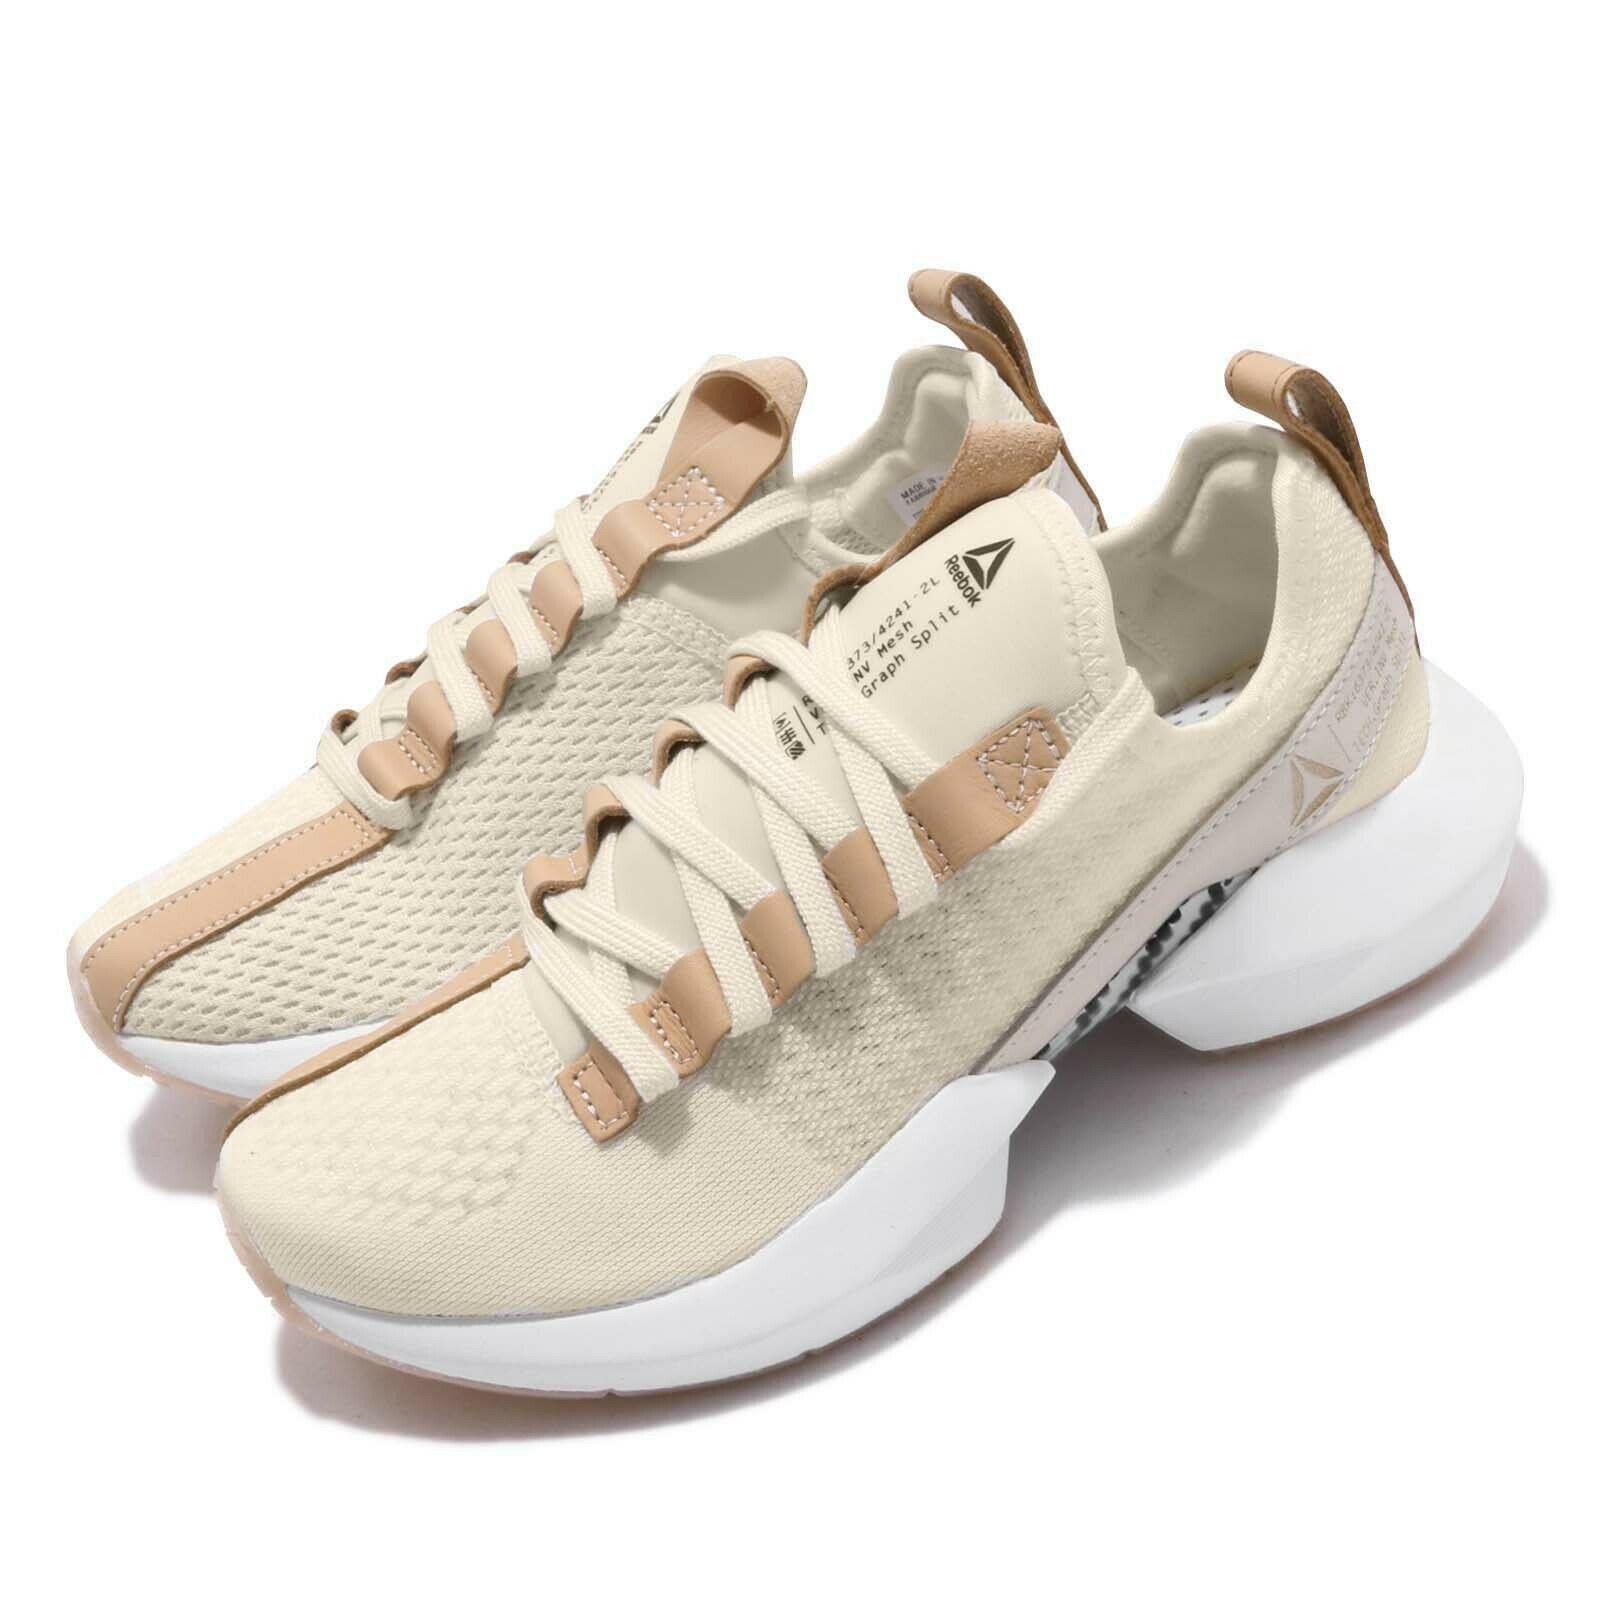 کفش مخصوص دویدن زنانه ریباک مدل DV6926 -  - 1